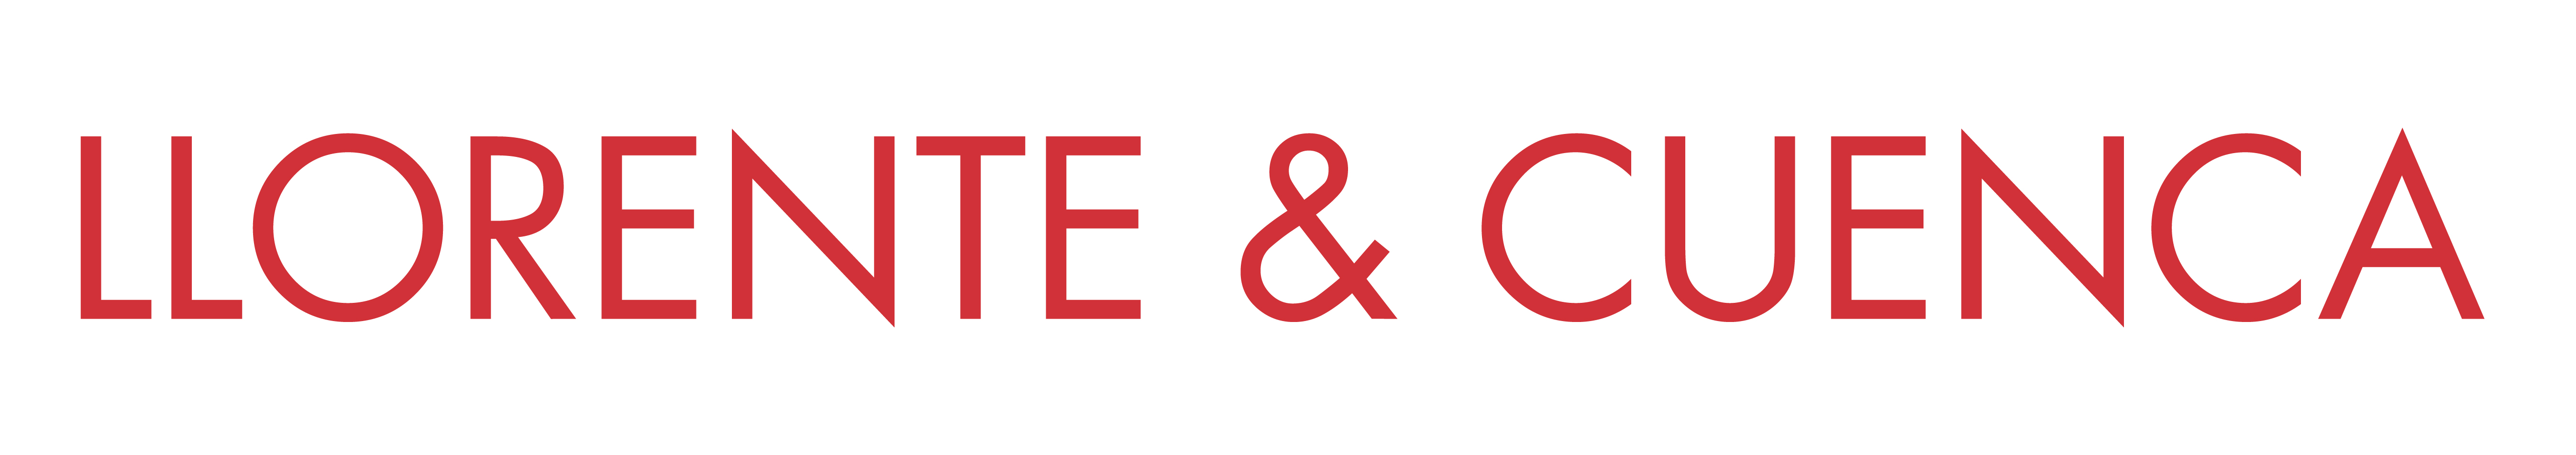 Logo-LLORENTE-CUENCA (1)